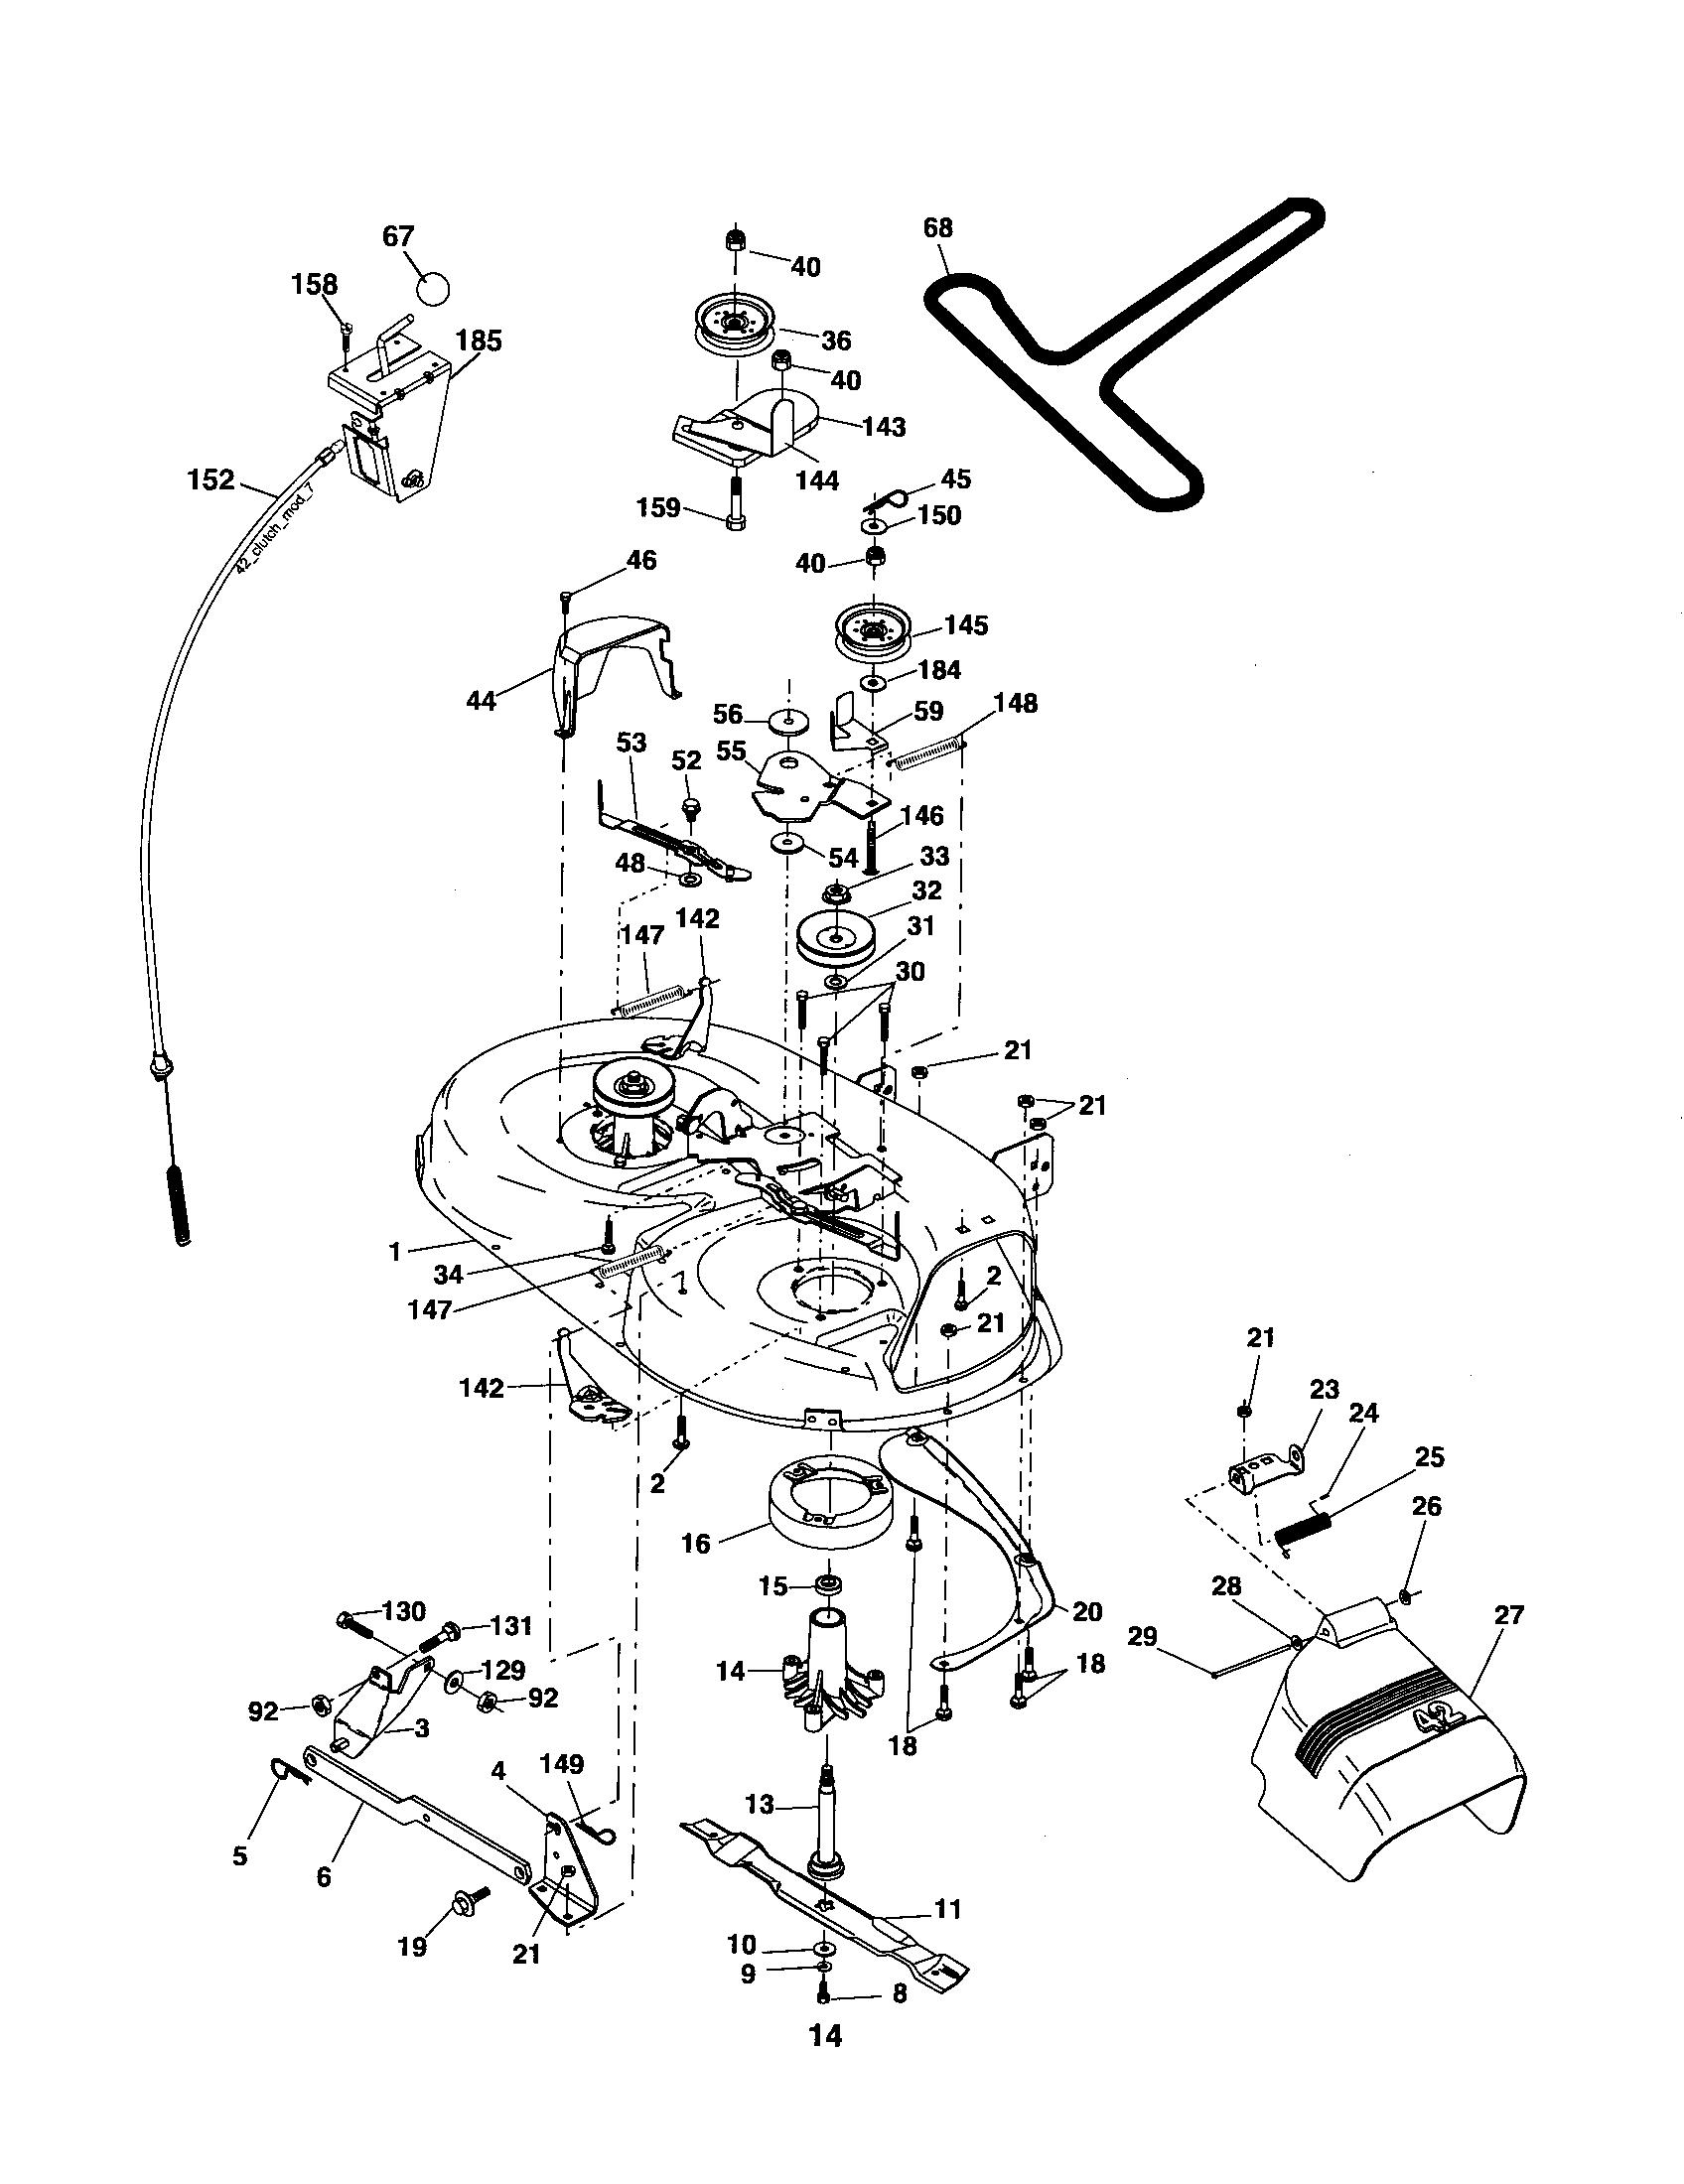 riding lawn mower wiring diagram on poulan riding mower wiring